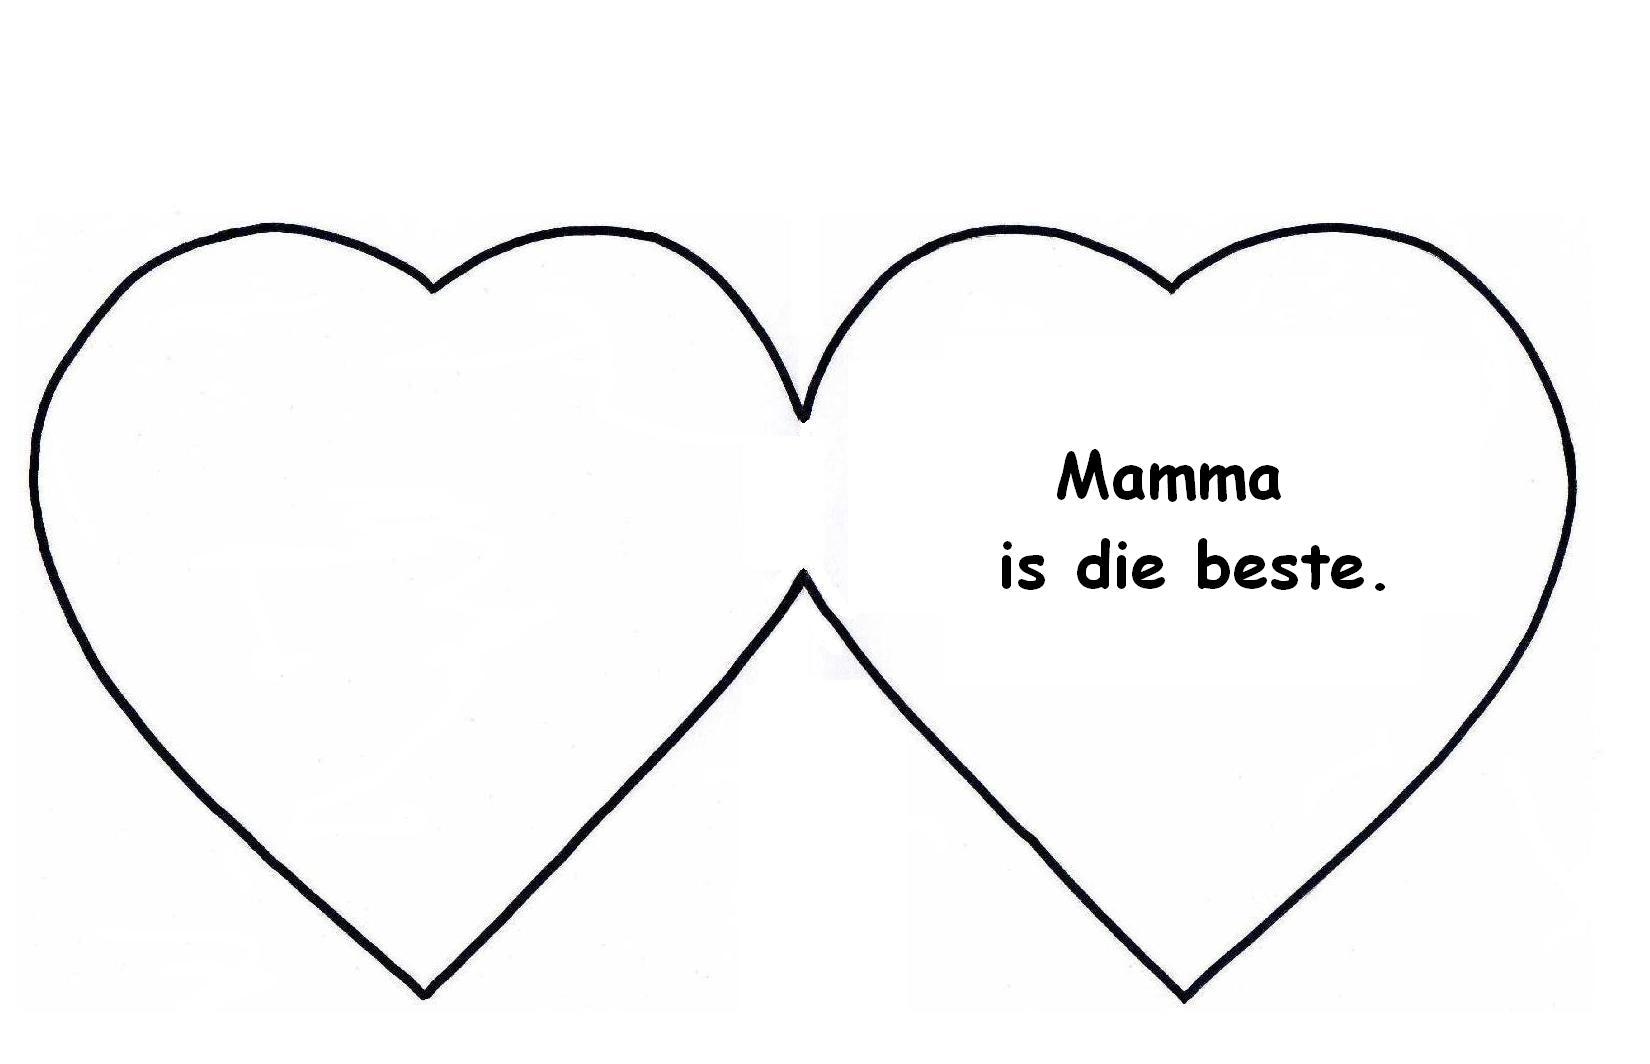 Mamma is die beste 1000 drukkis net vir mamma